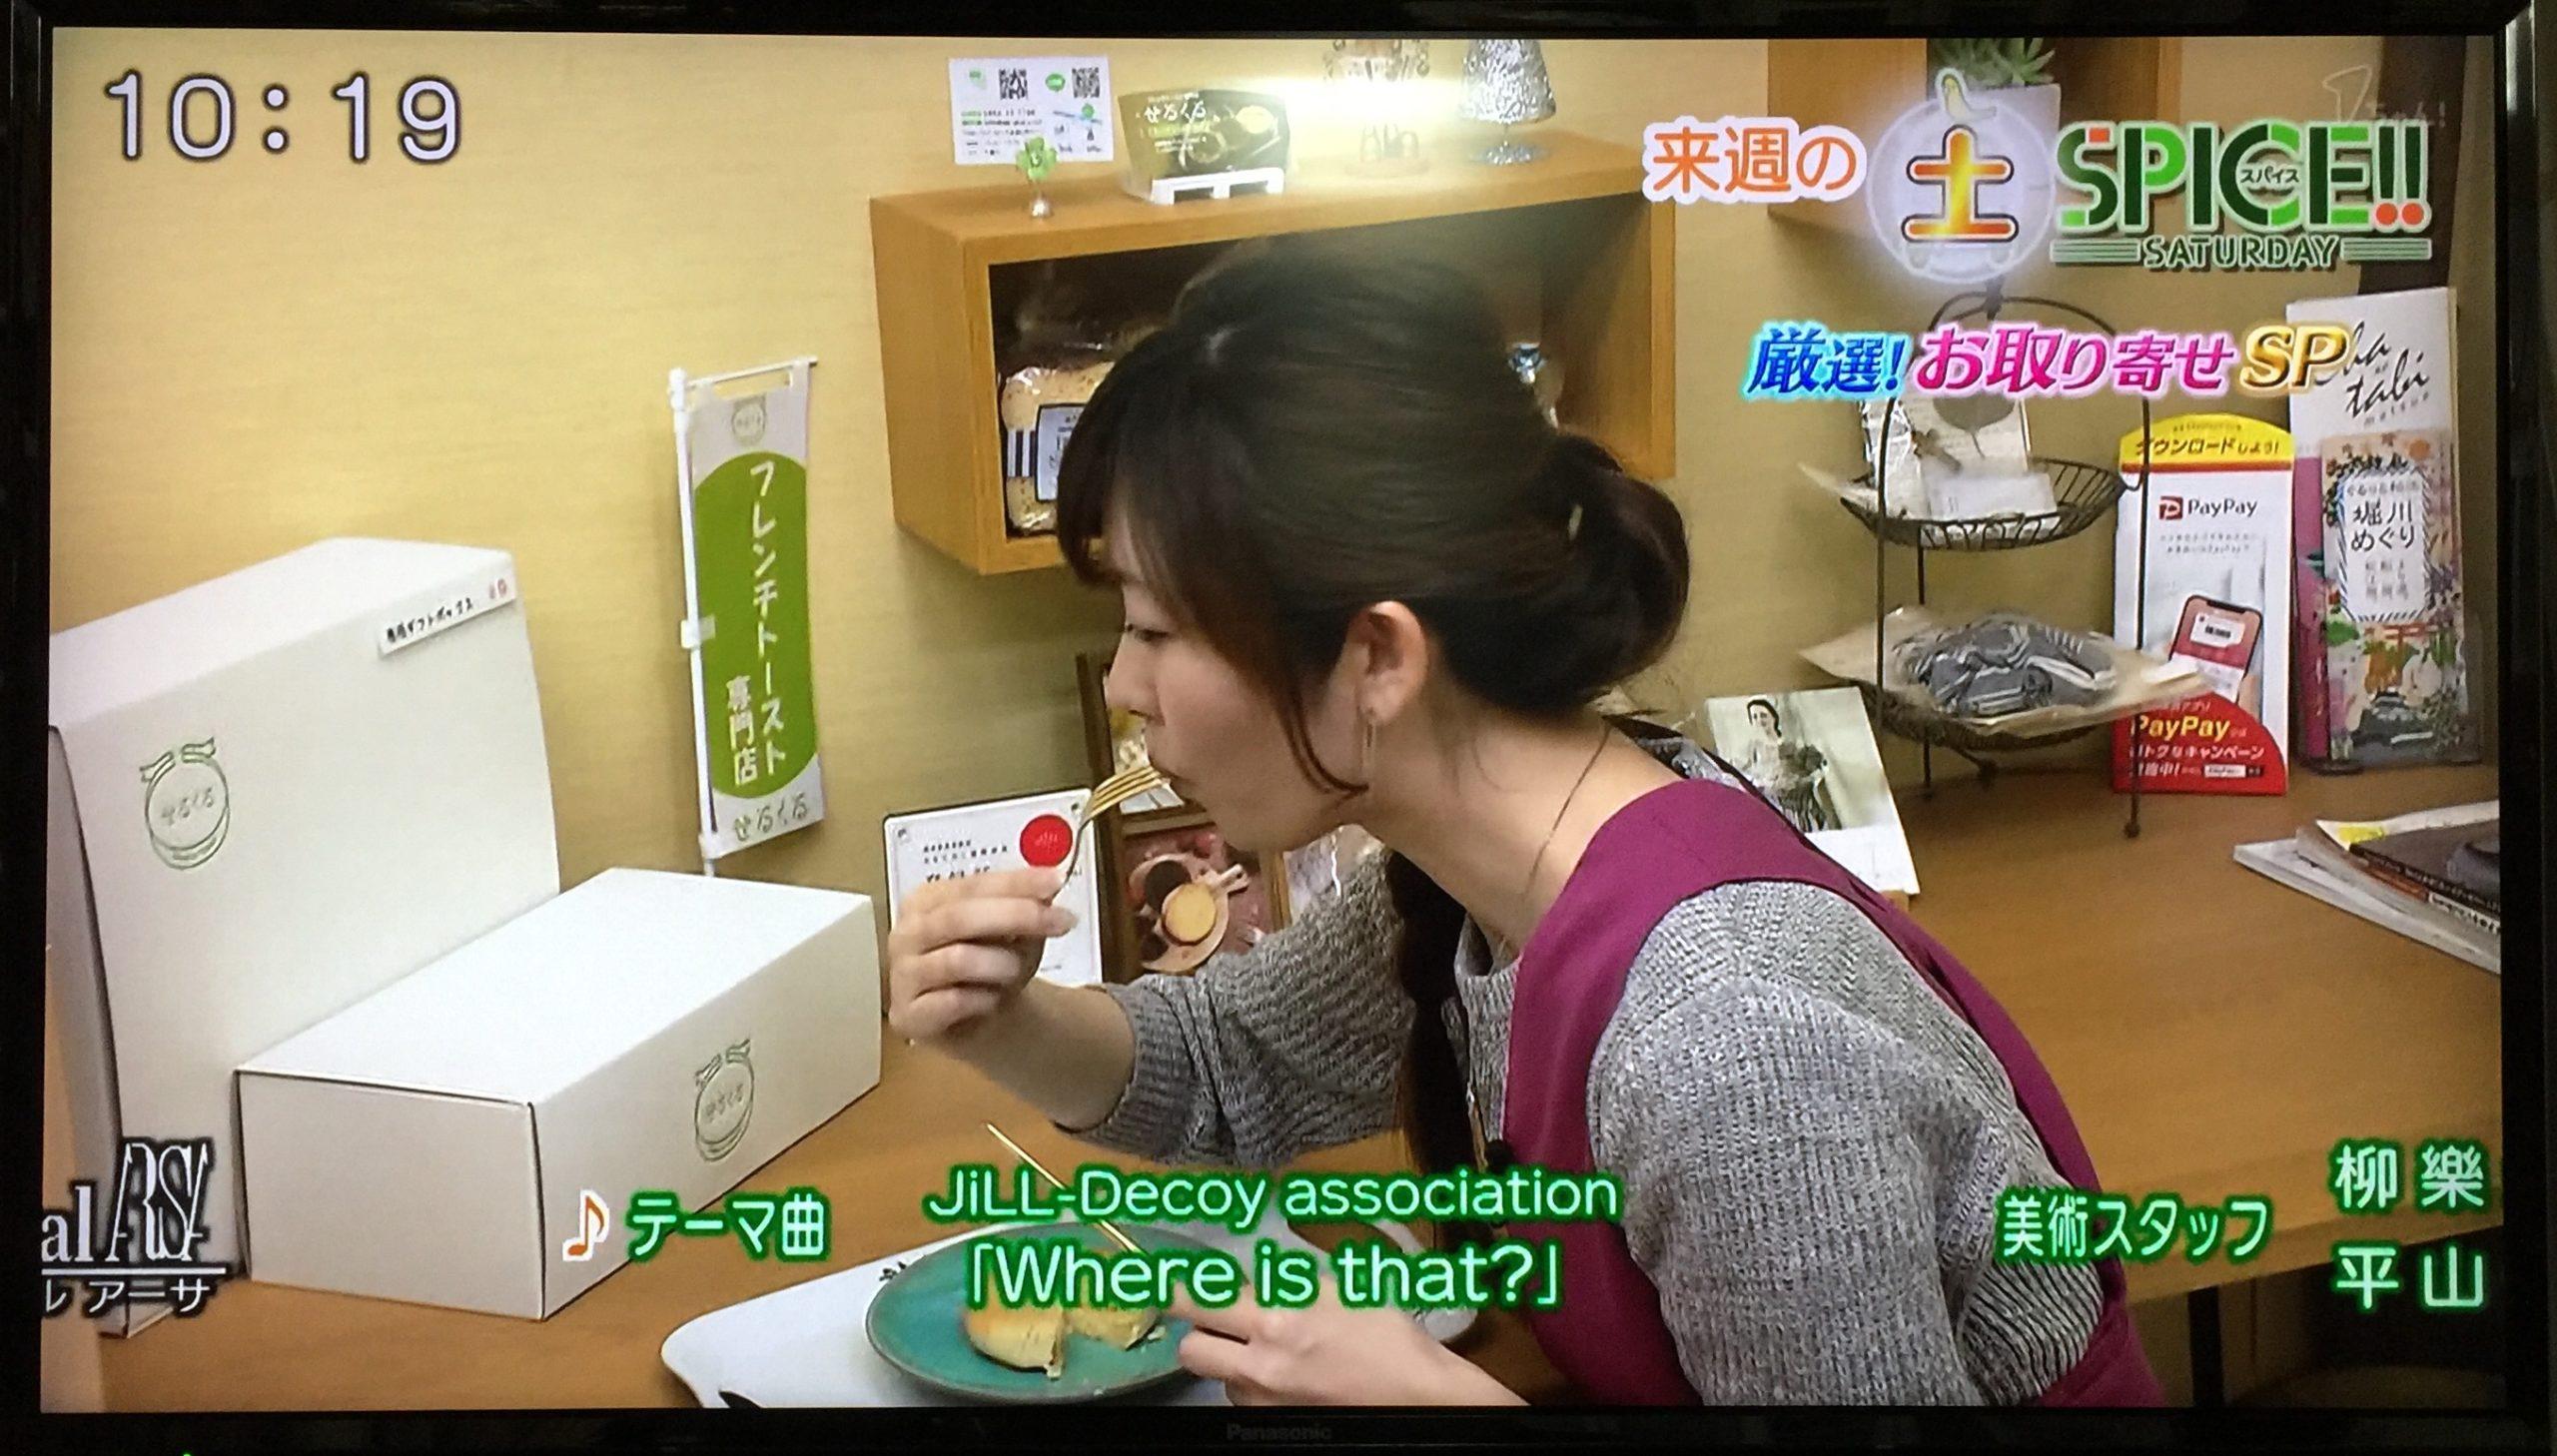 スパイス 日本海テレビ お取り寄せ